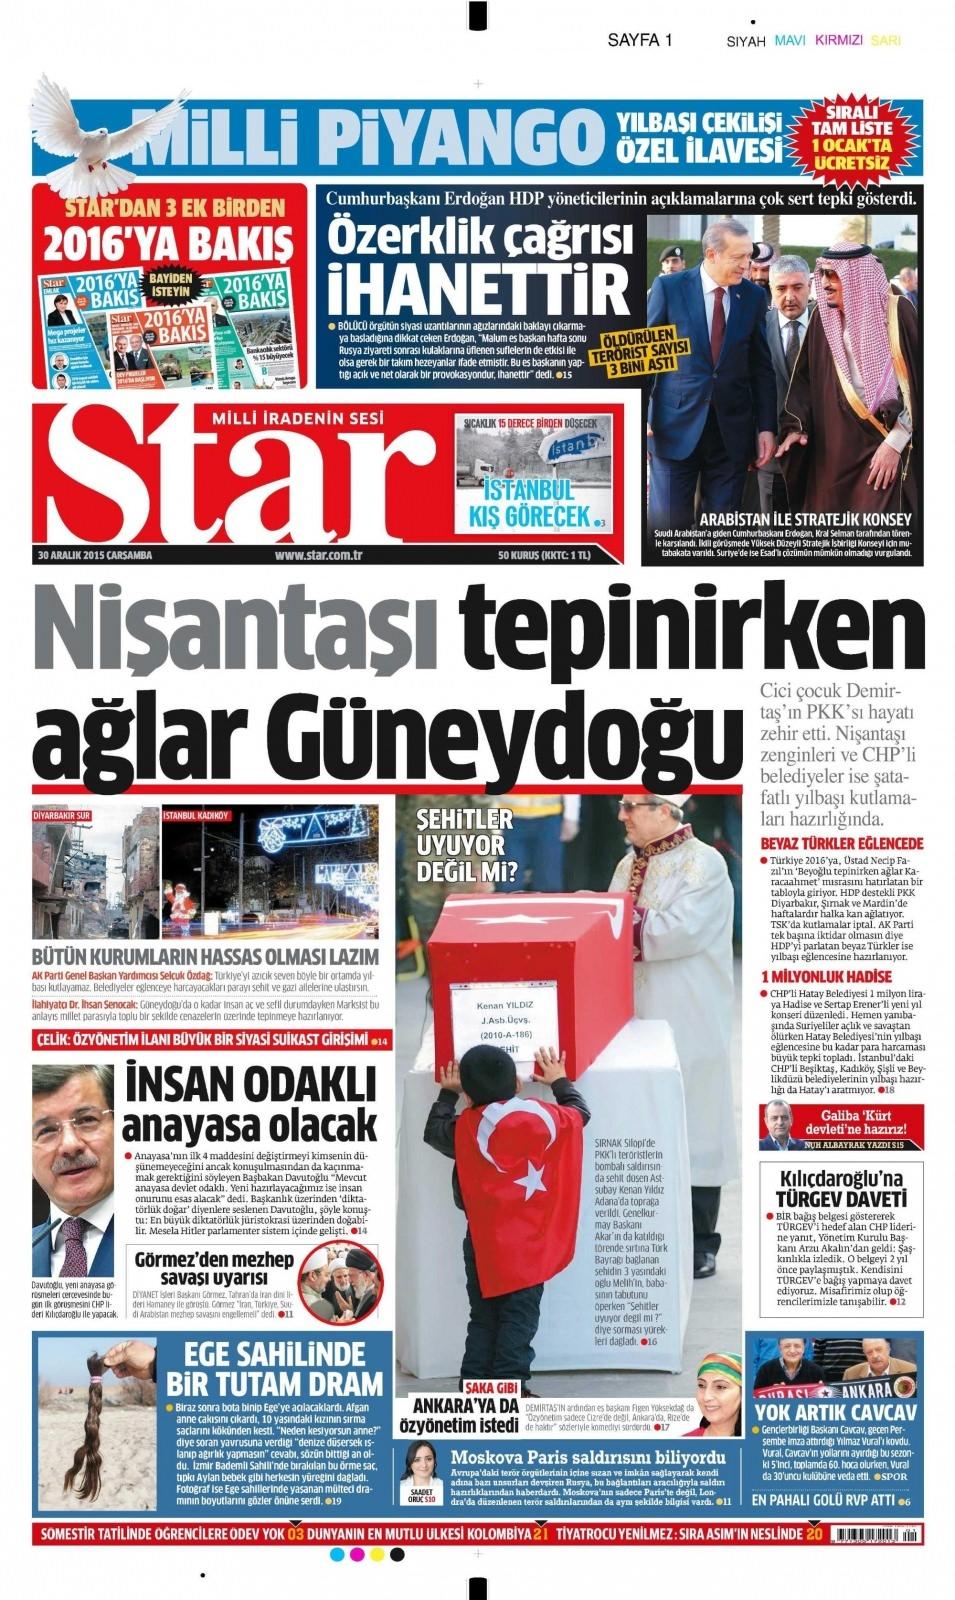 30 Aralık 2015 gazete manşetleri 25